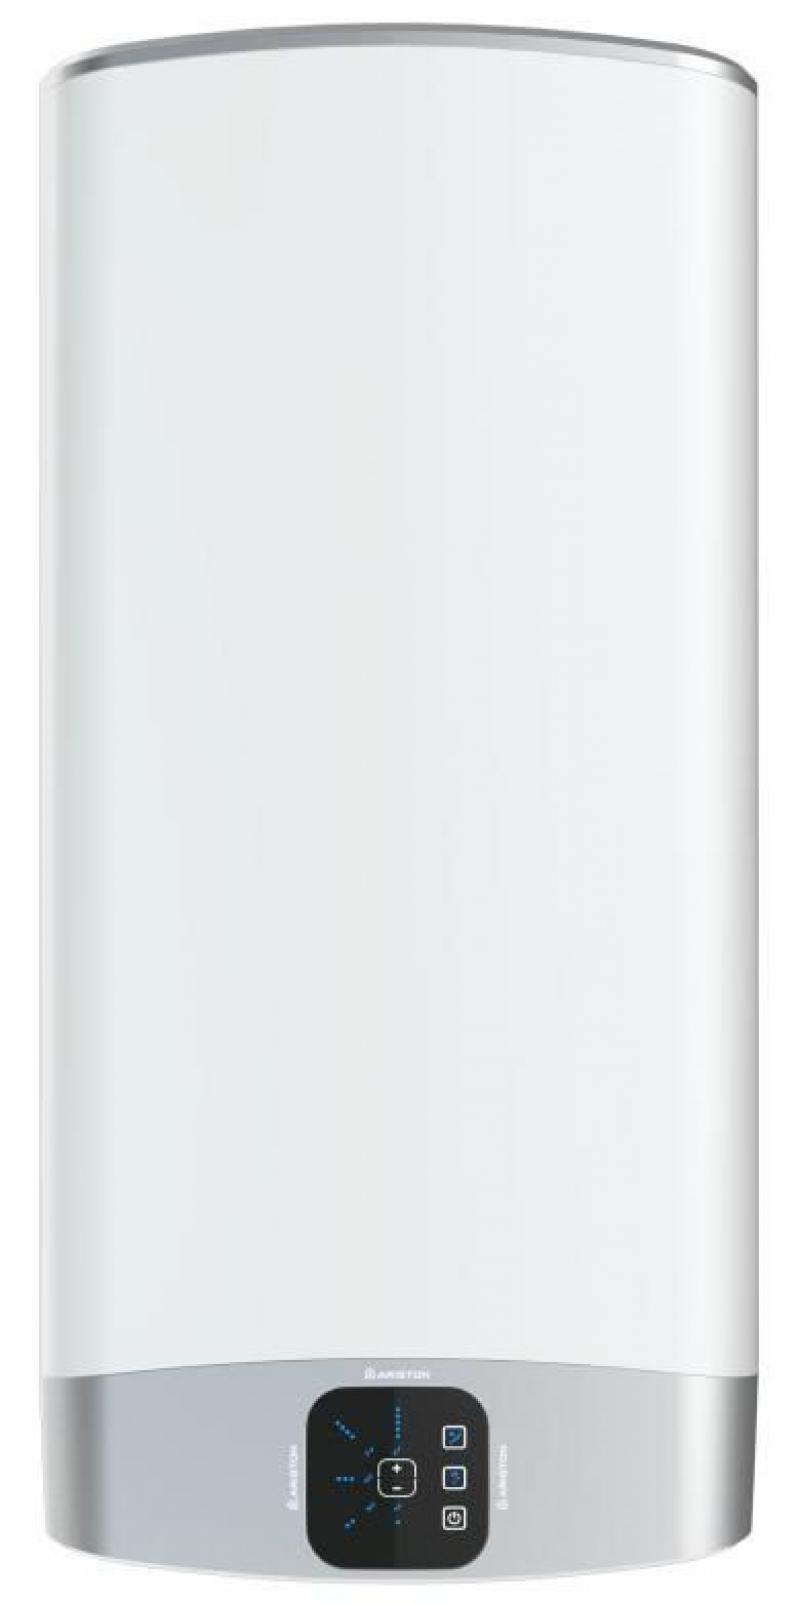 Водонагреватель накопительный Ariston VELIS ABS VLS EVO PW 80 80л 2.5кВт 3700437 электрический накопительный водонагреватель ariston abs vls evo inox pw 80 d